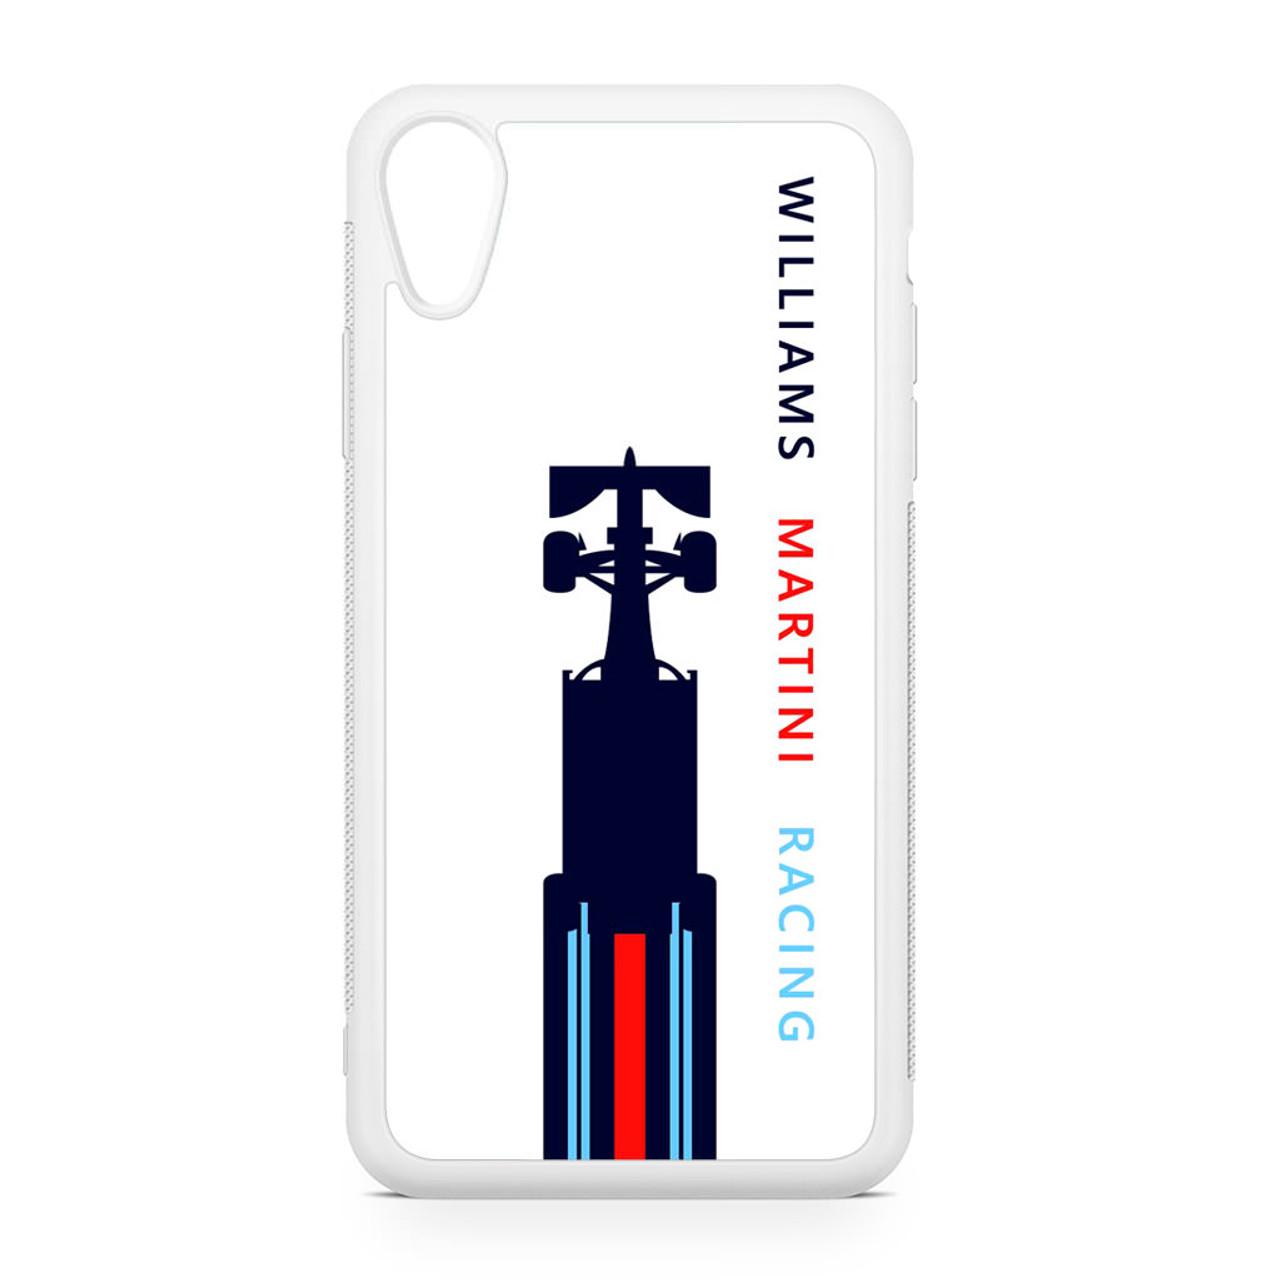 Williams Martini Racing 3 iphone case